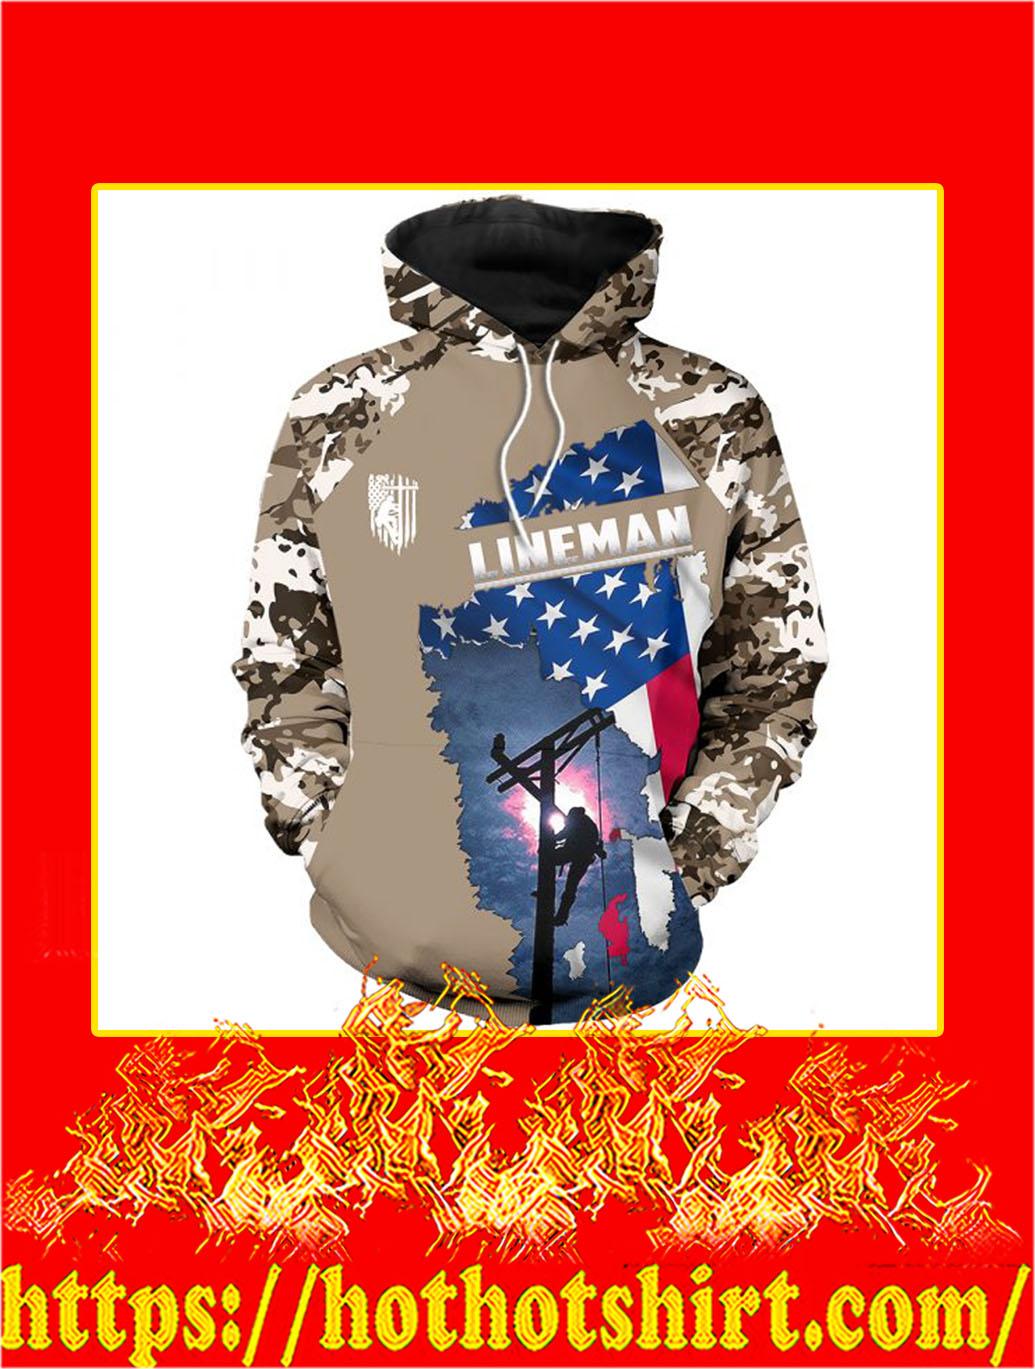 3D Printed Lineman Clothing American Flag Camo Hoodie